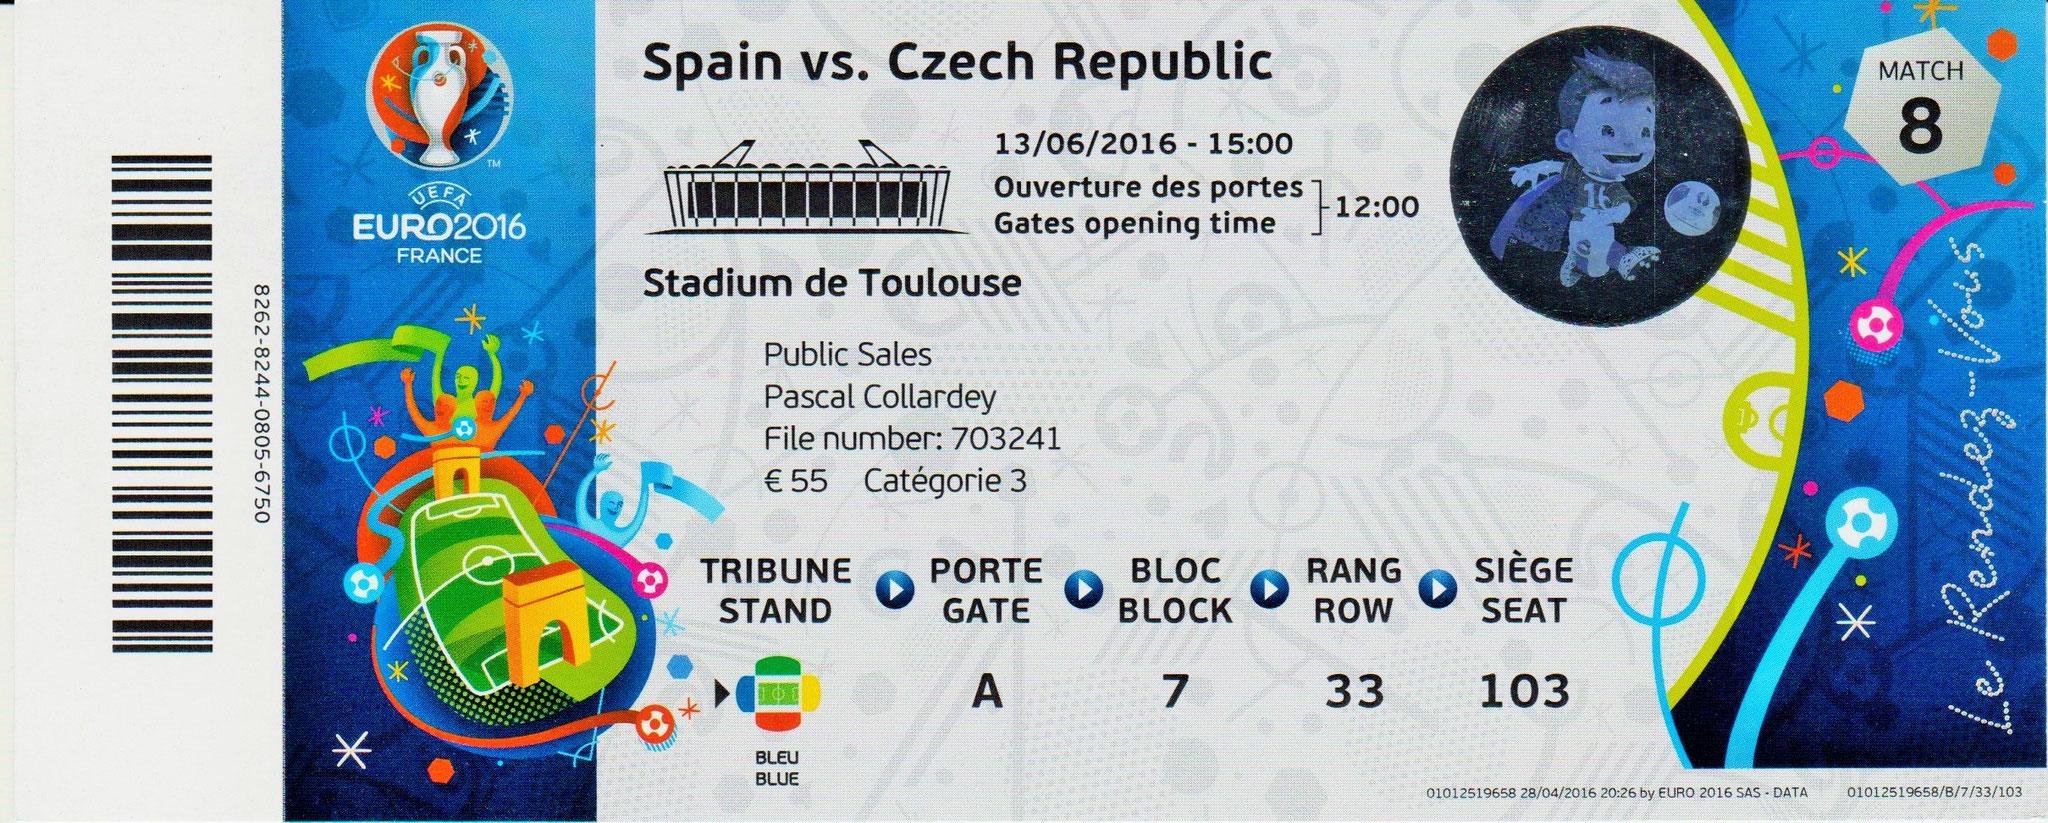 13/06/2016 Toulouse : Espagne  1 - 0  République Tchèque > Piqué (Spa) <